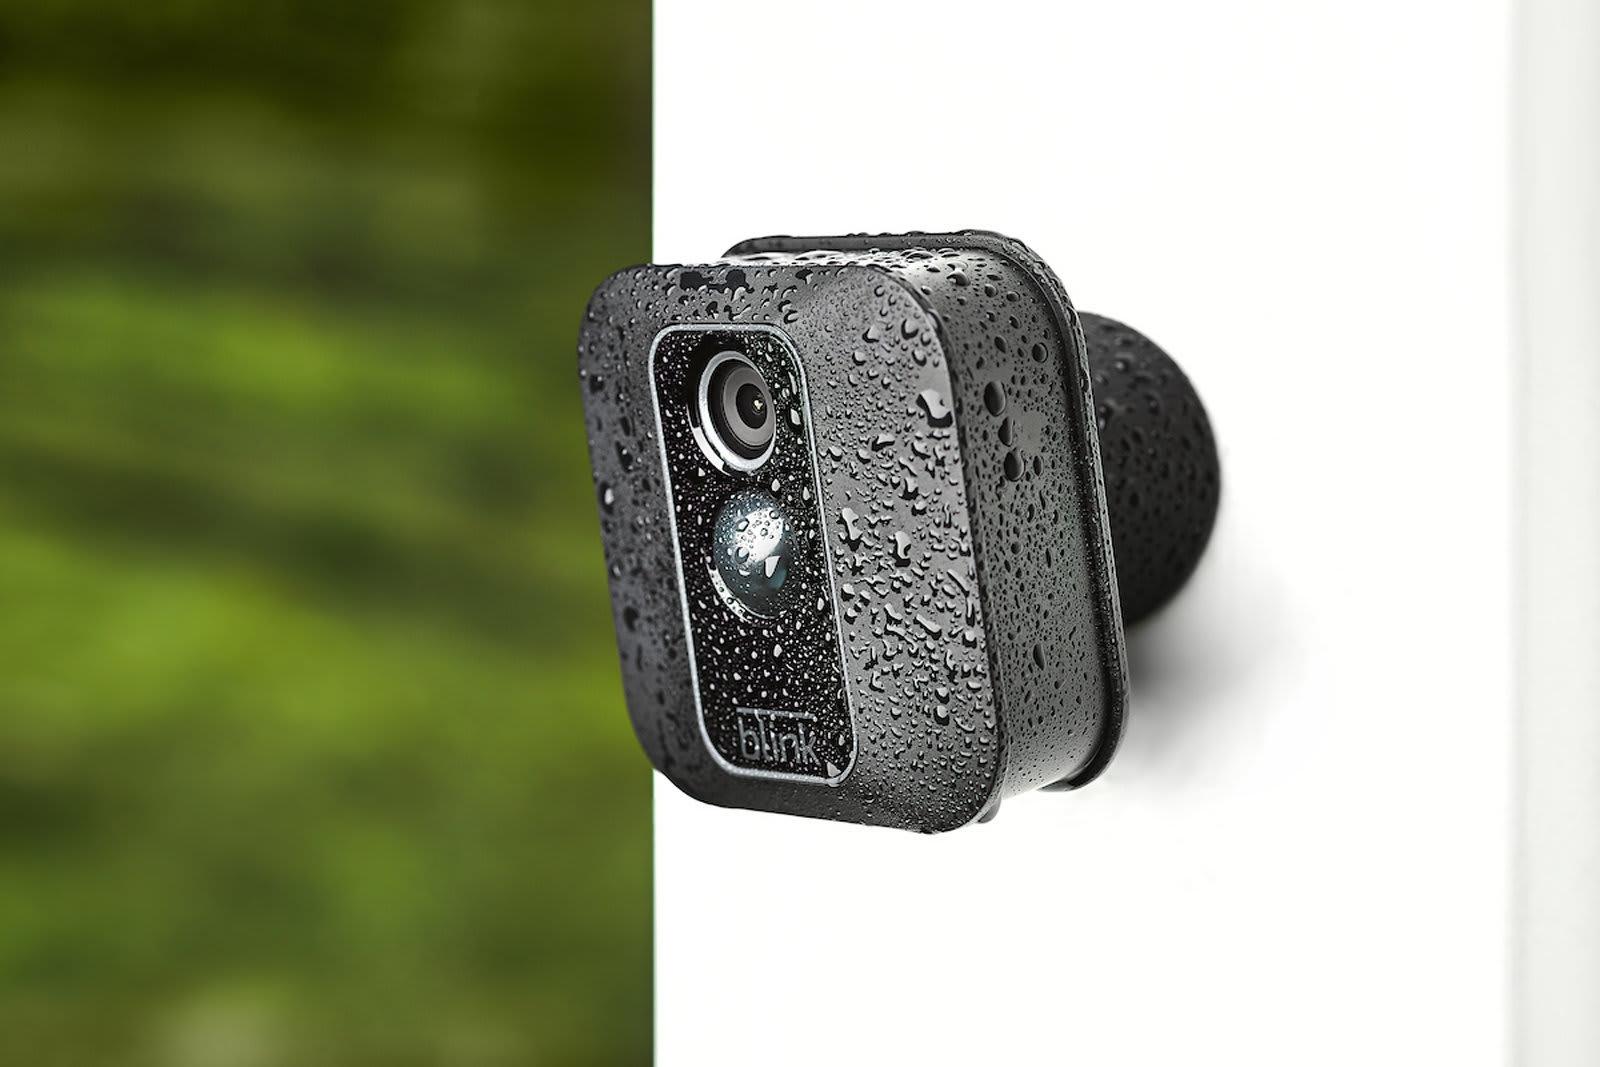 単3電池2本で2年駆動。アマゾン、Alexa連携防犯カメラ「Blink XT2」発表